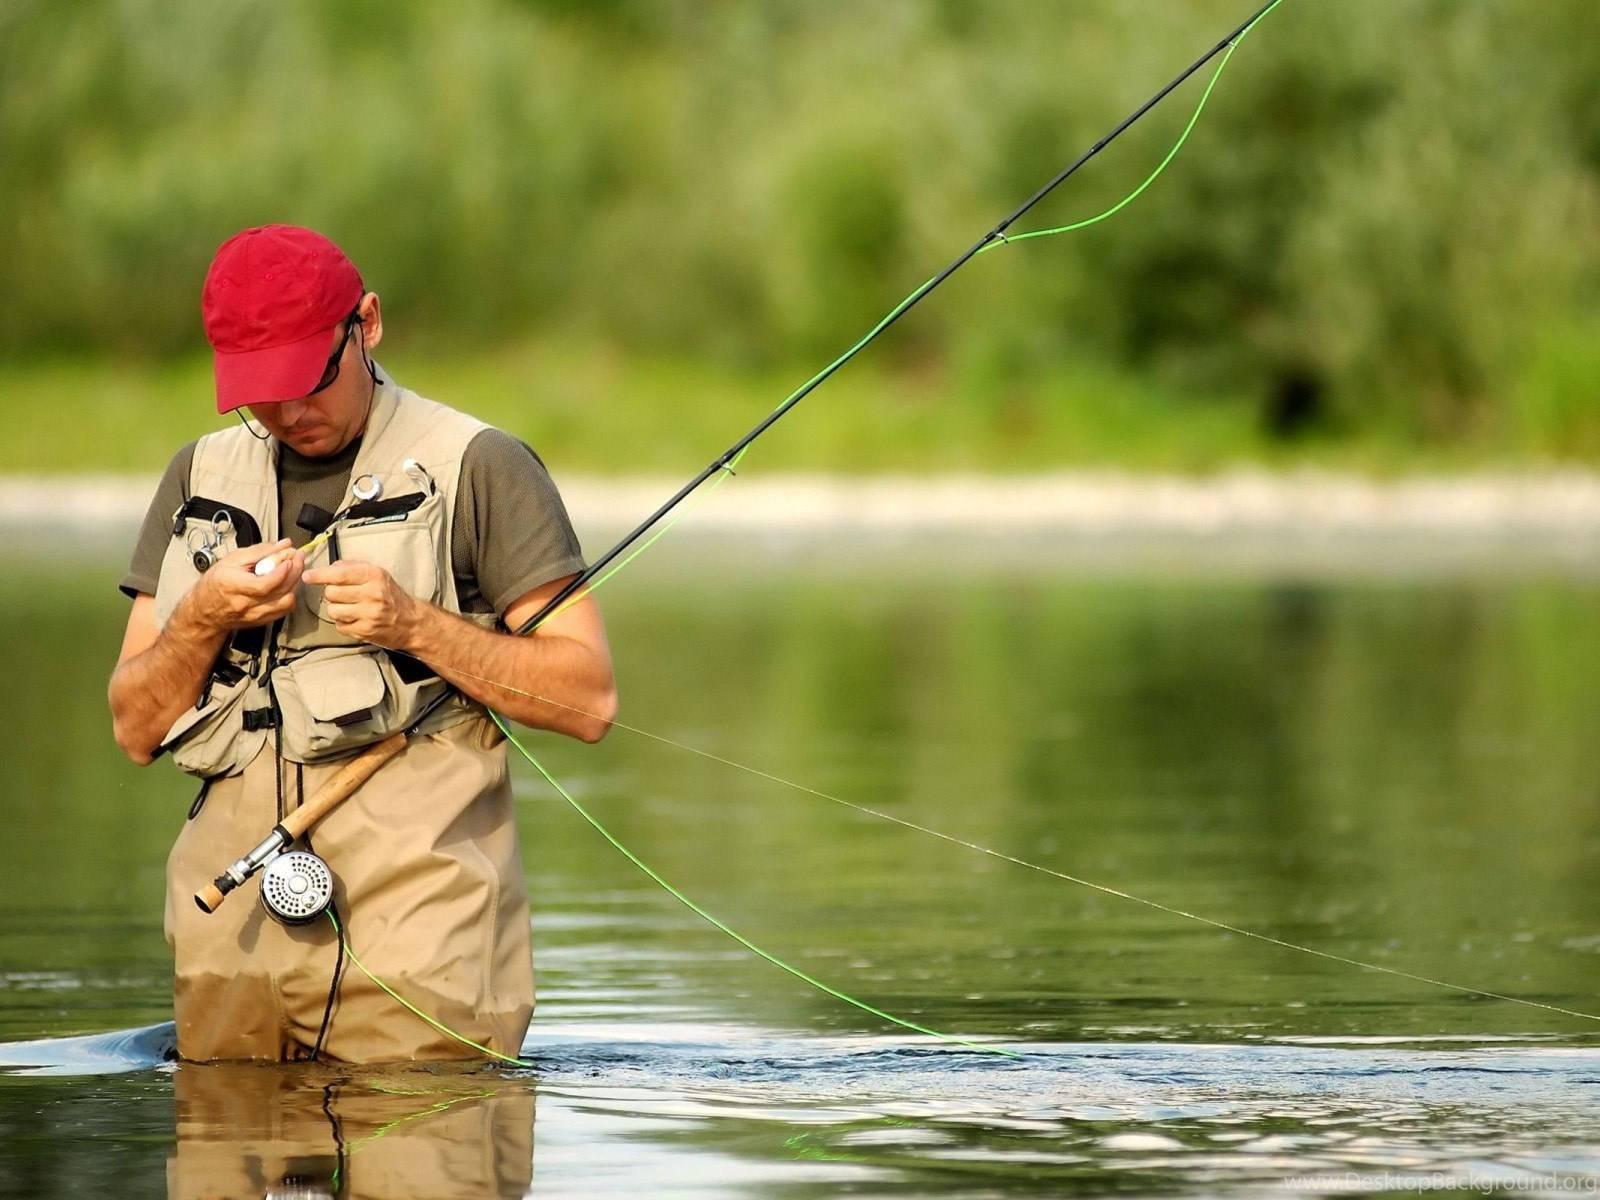 Рыбалка без удочки — как поймать рыбу не имея рыболовных снастей